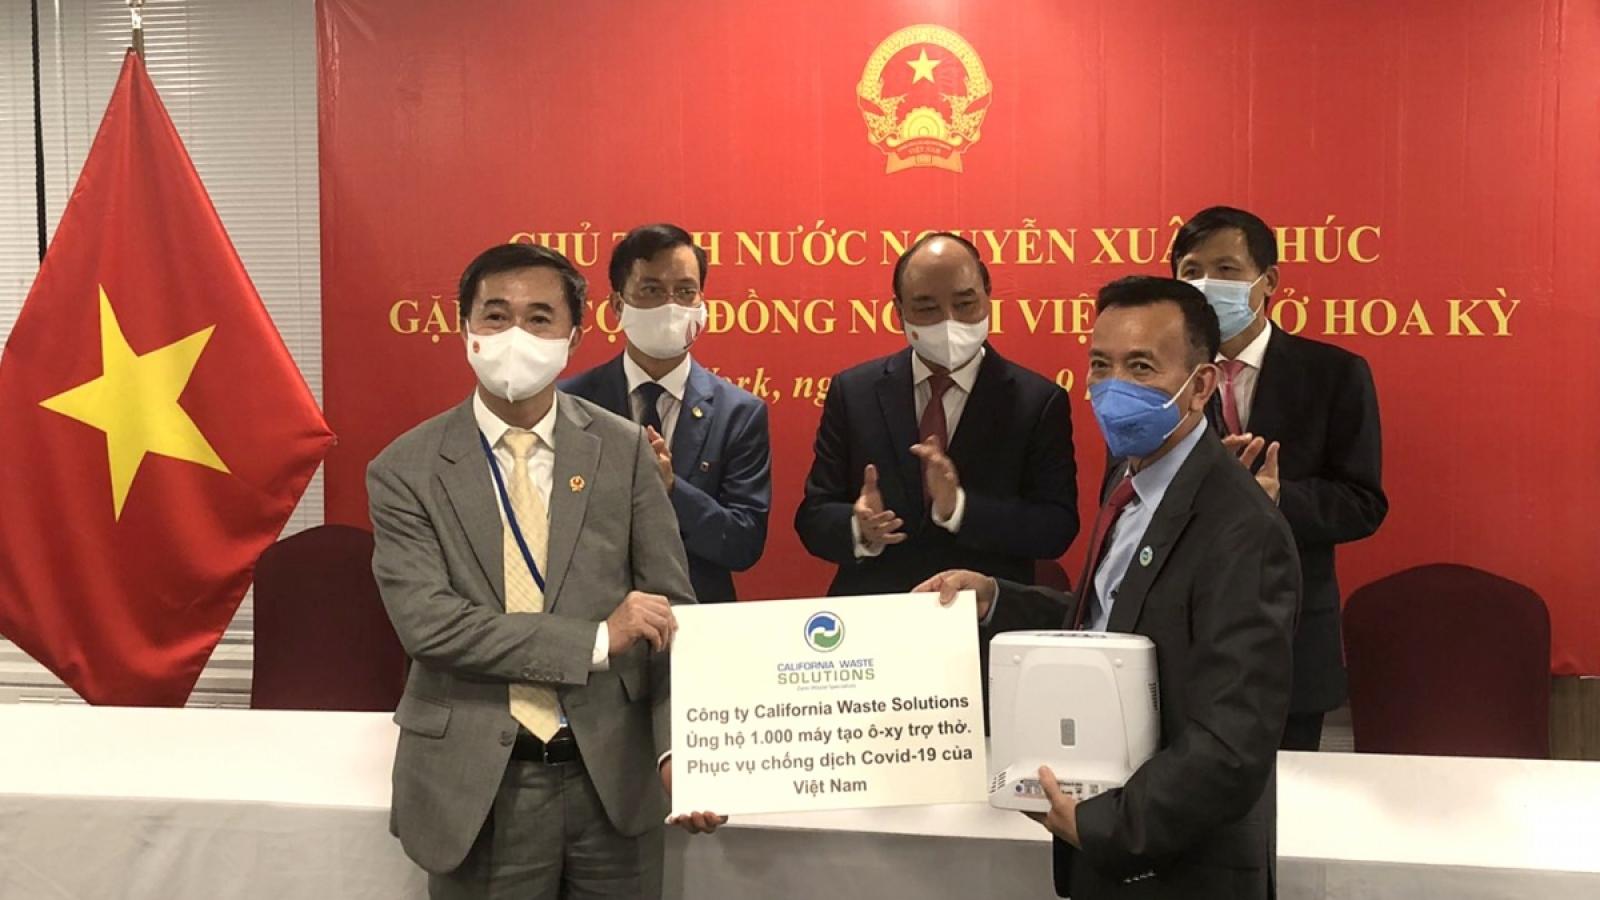 Vietnamese State leader meets overseas Vietnamese in US